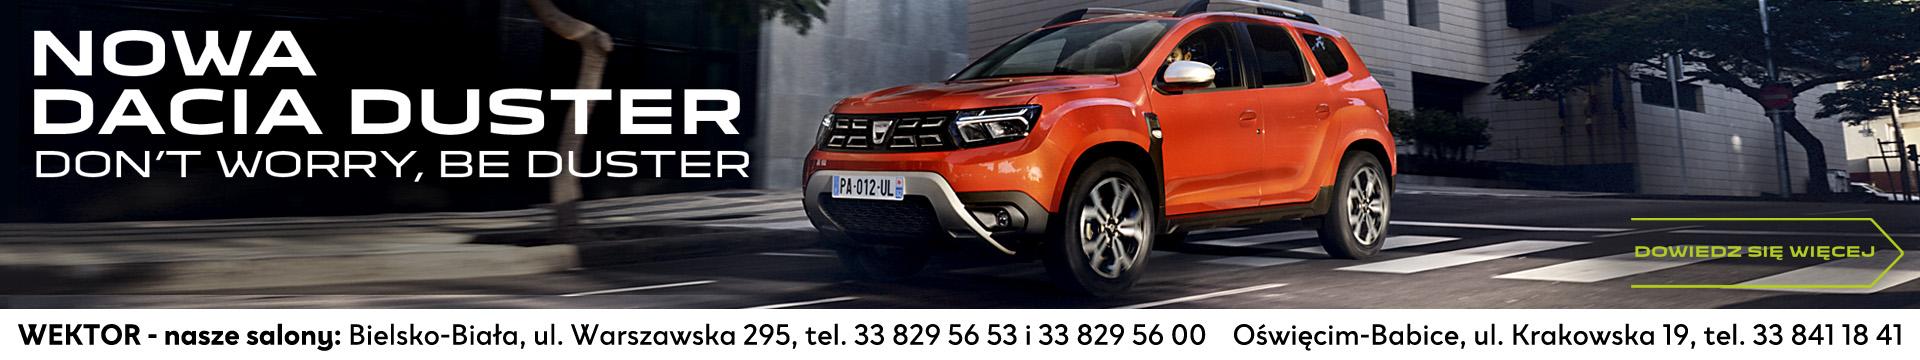 Dacia wrzesień 2021